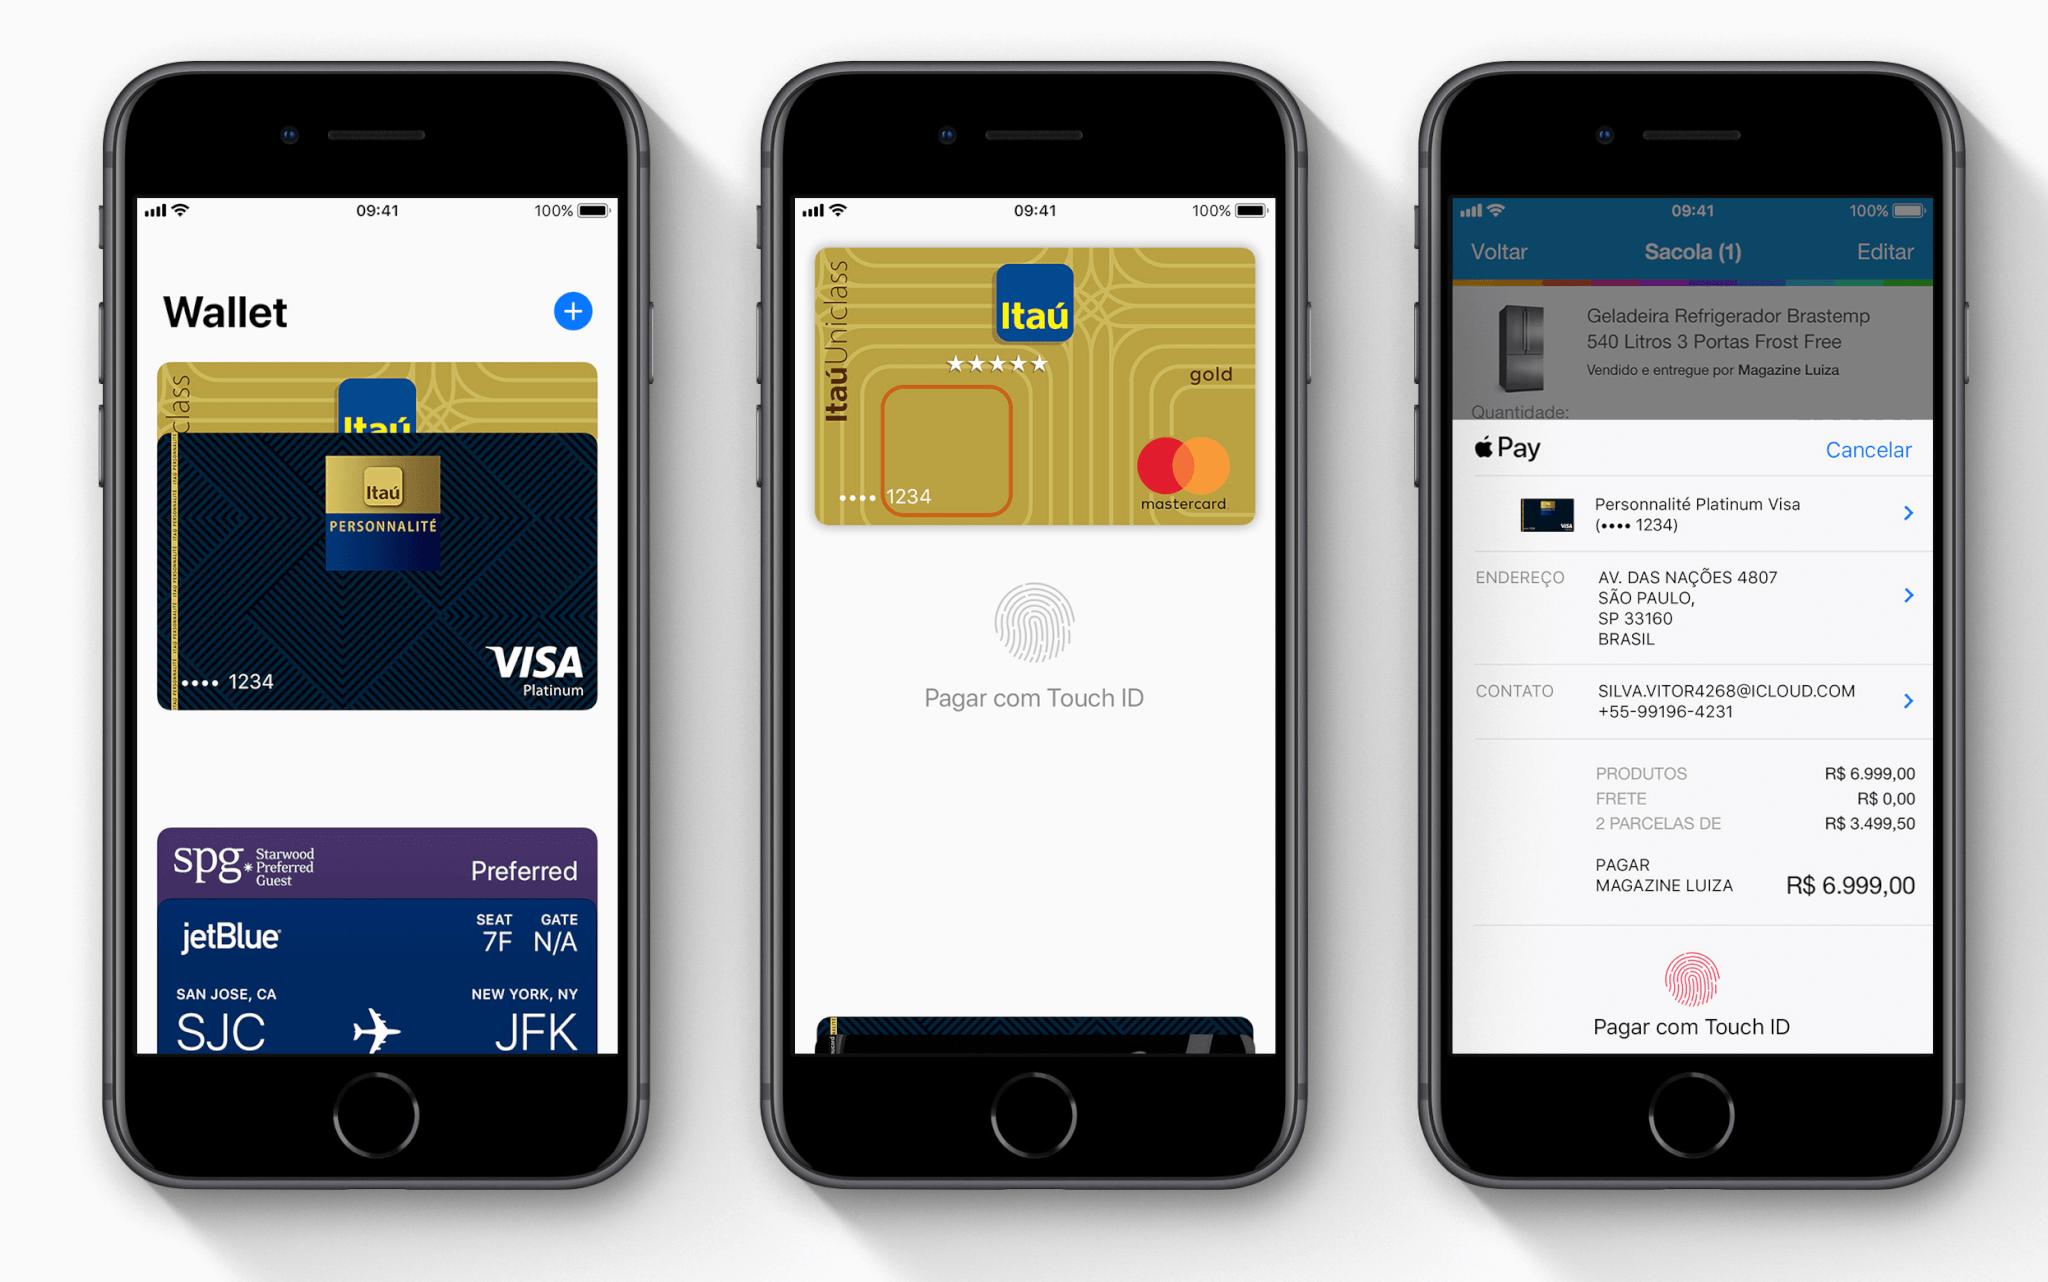 Apple está criando um cartão de crédito para o Apple Pay em parceria com o banco Goldman Sachs 6